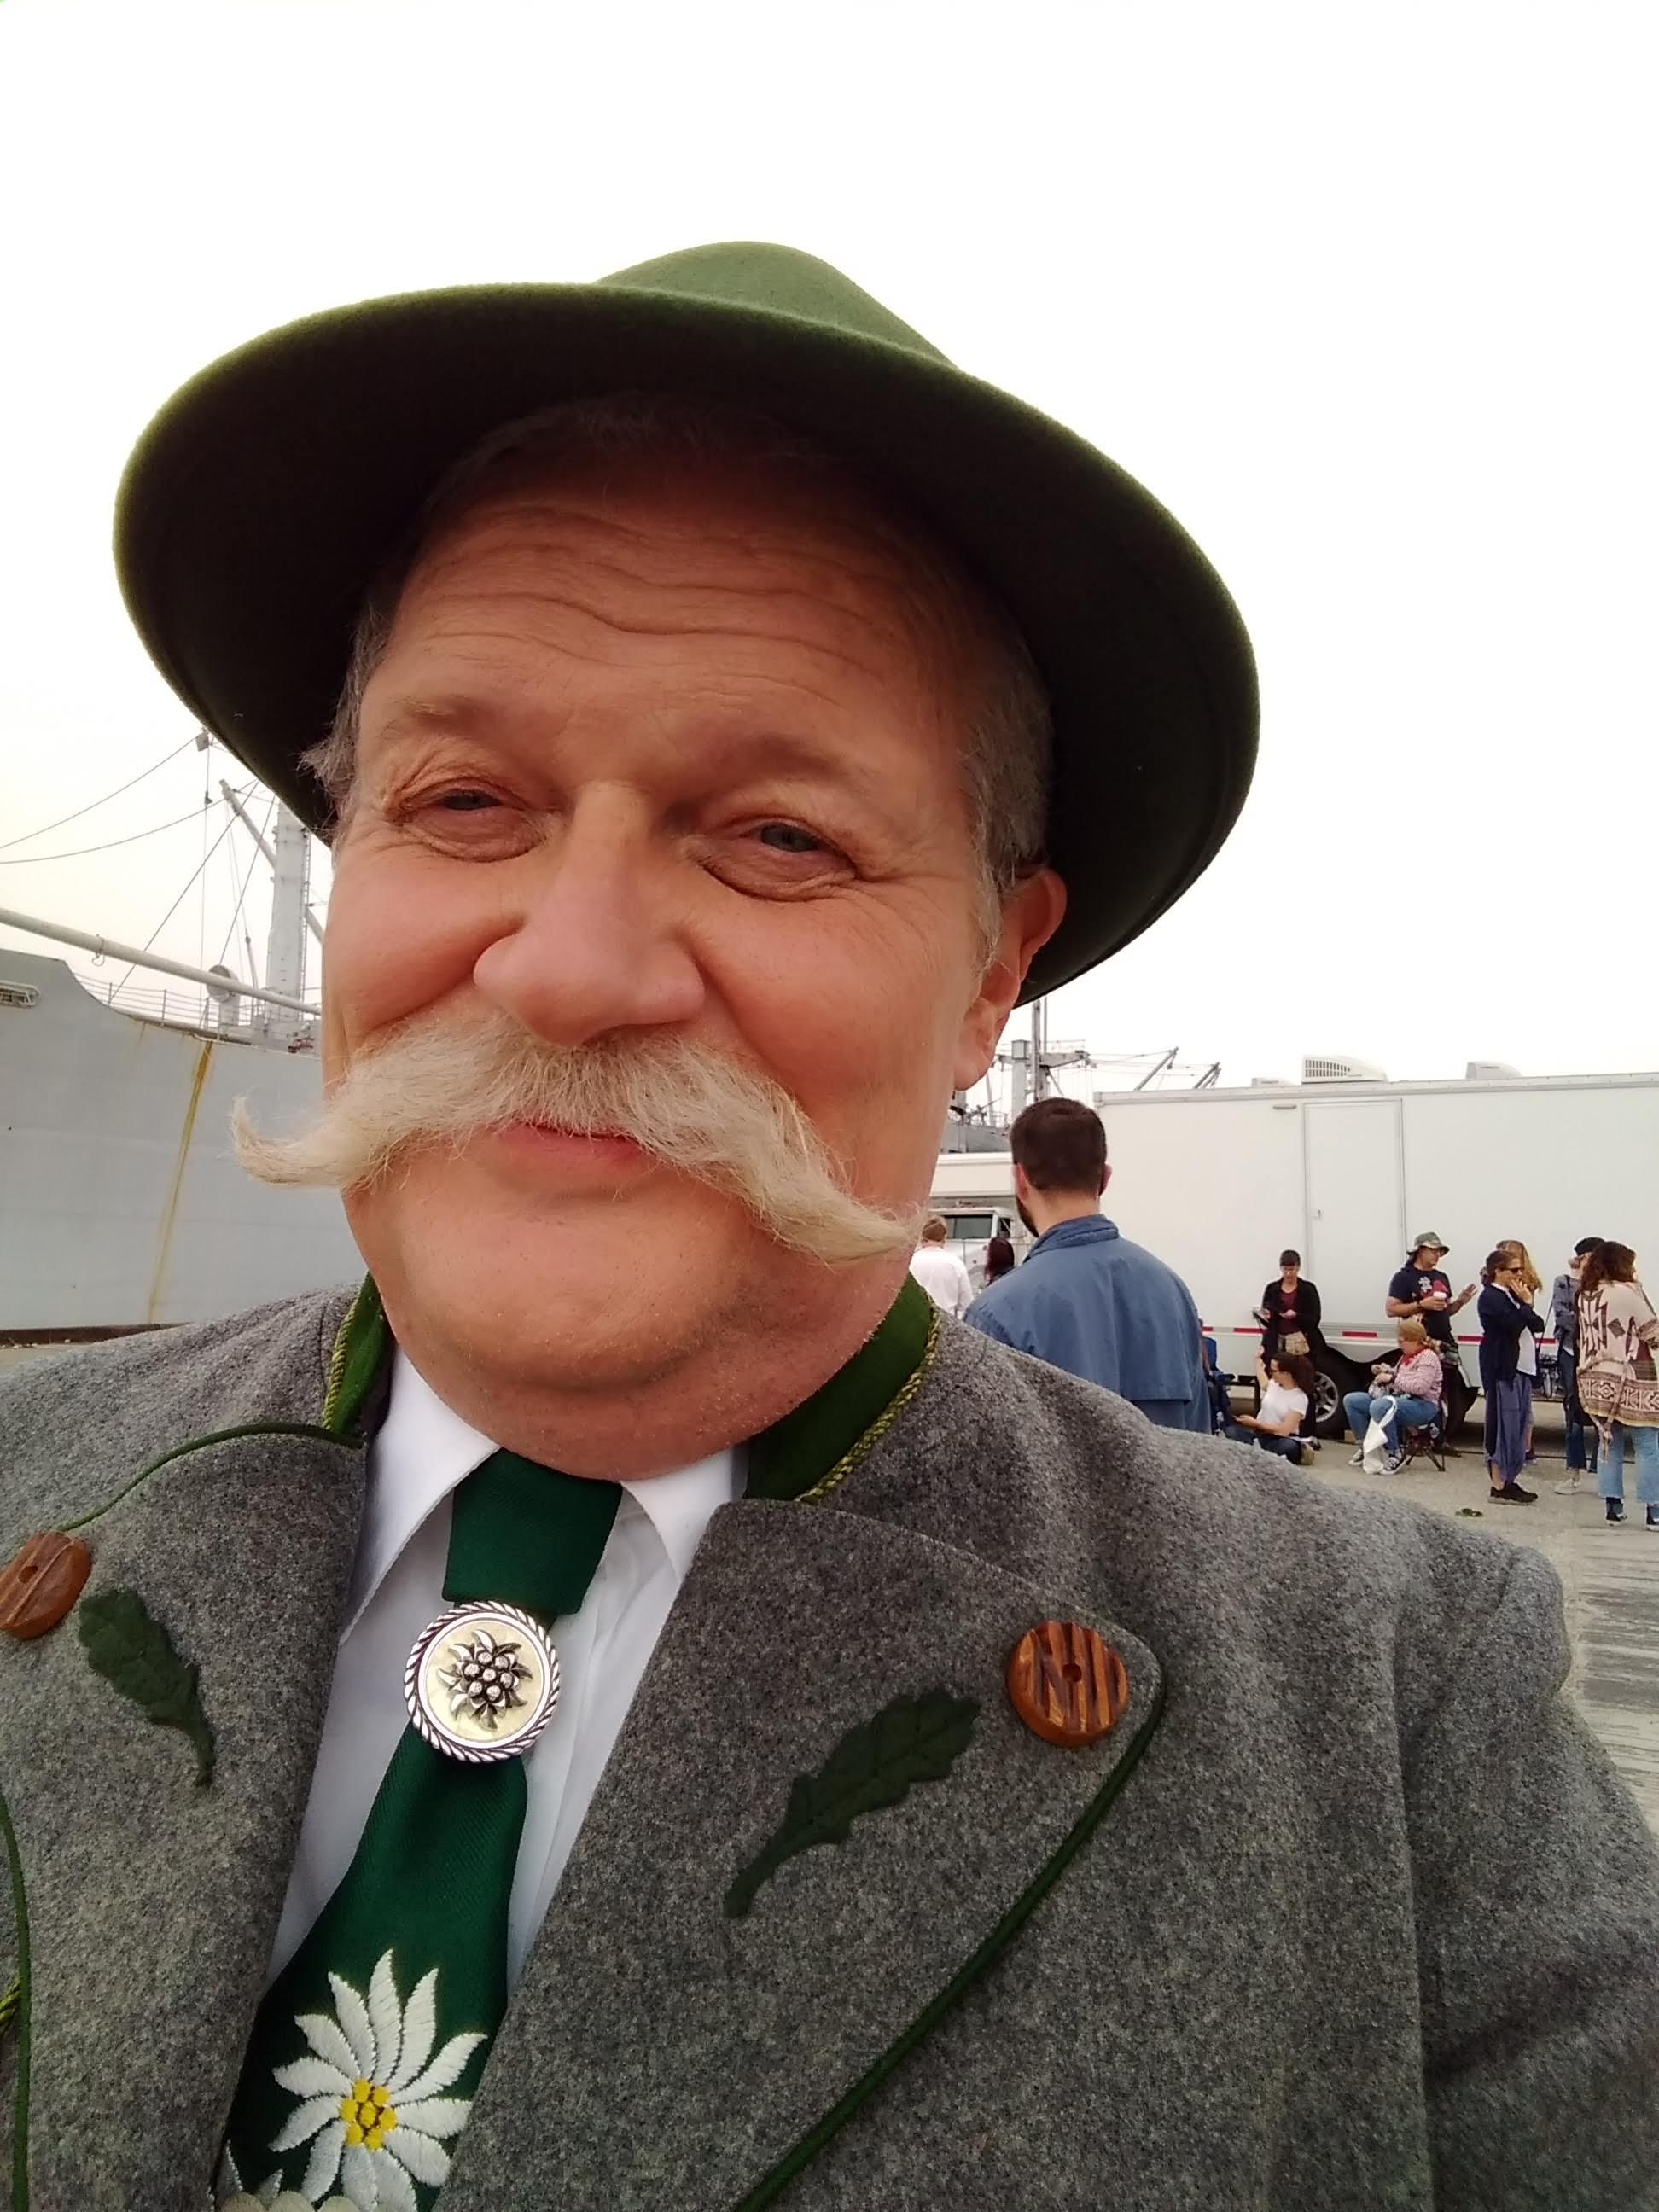 Herr Gherkin von Deutschland in KIDDING